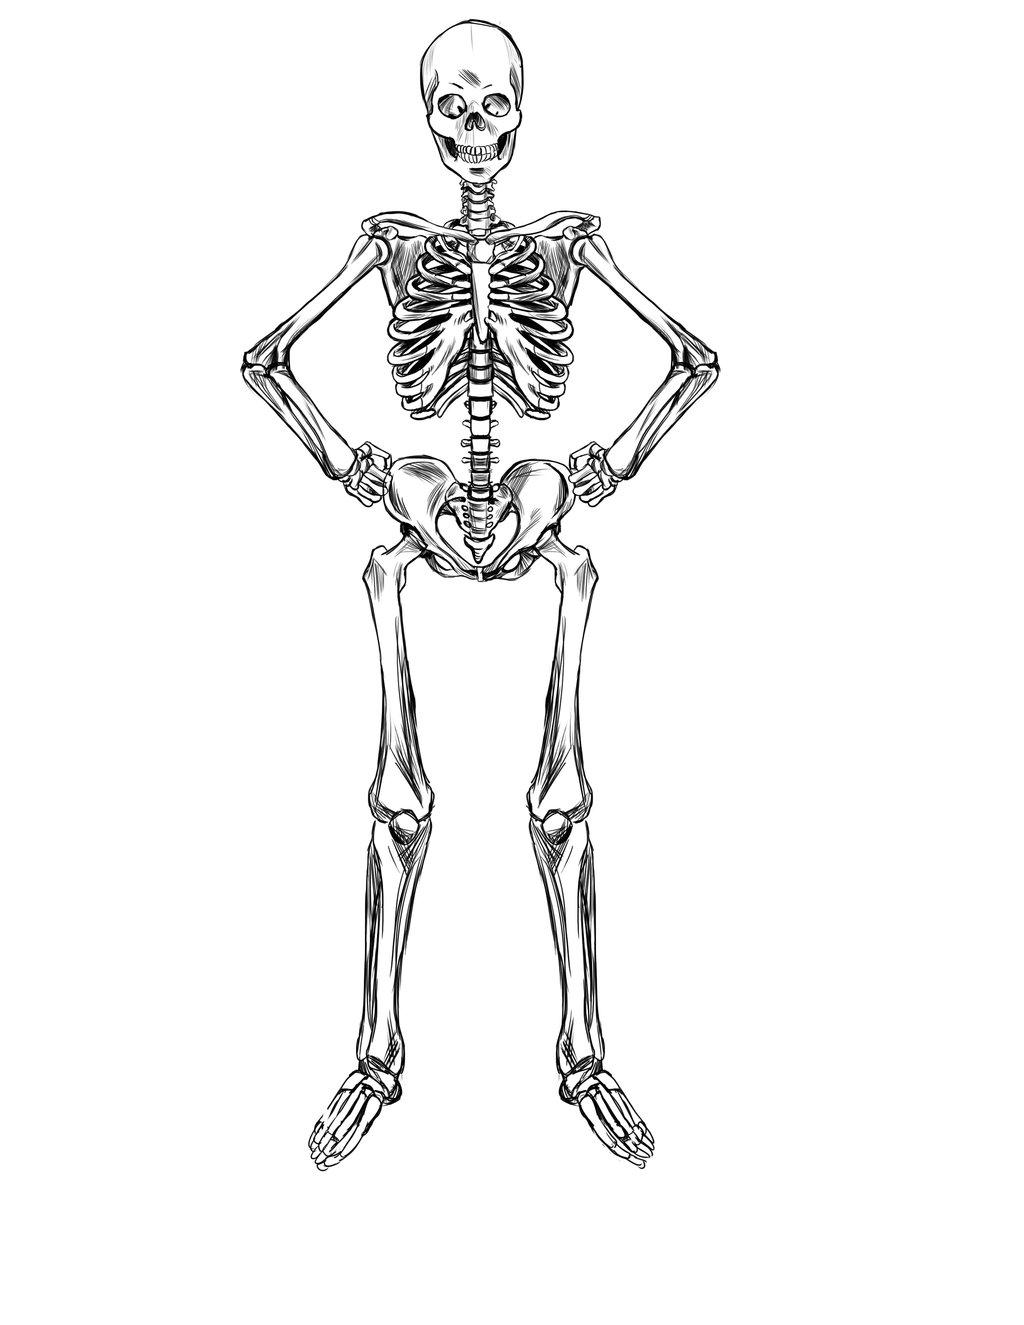 1024x1325 Skeleton Study By Ravendark82